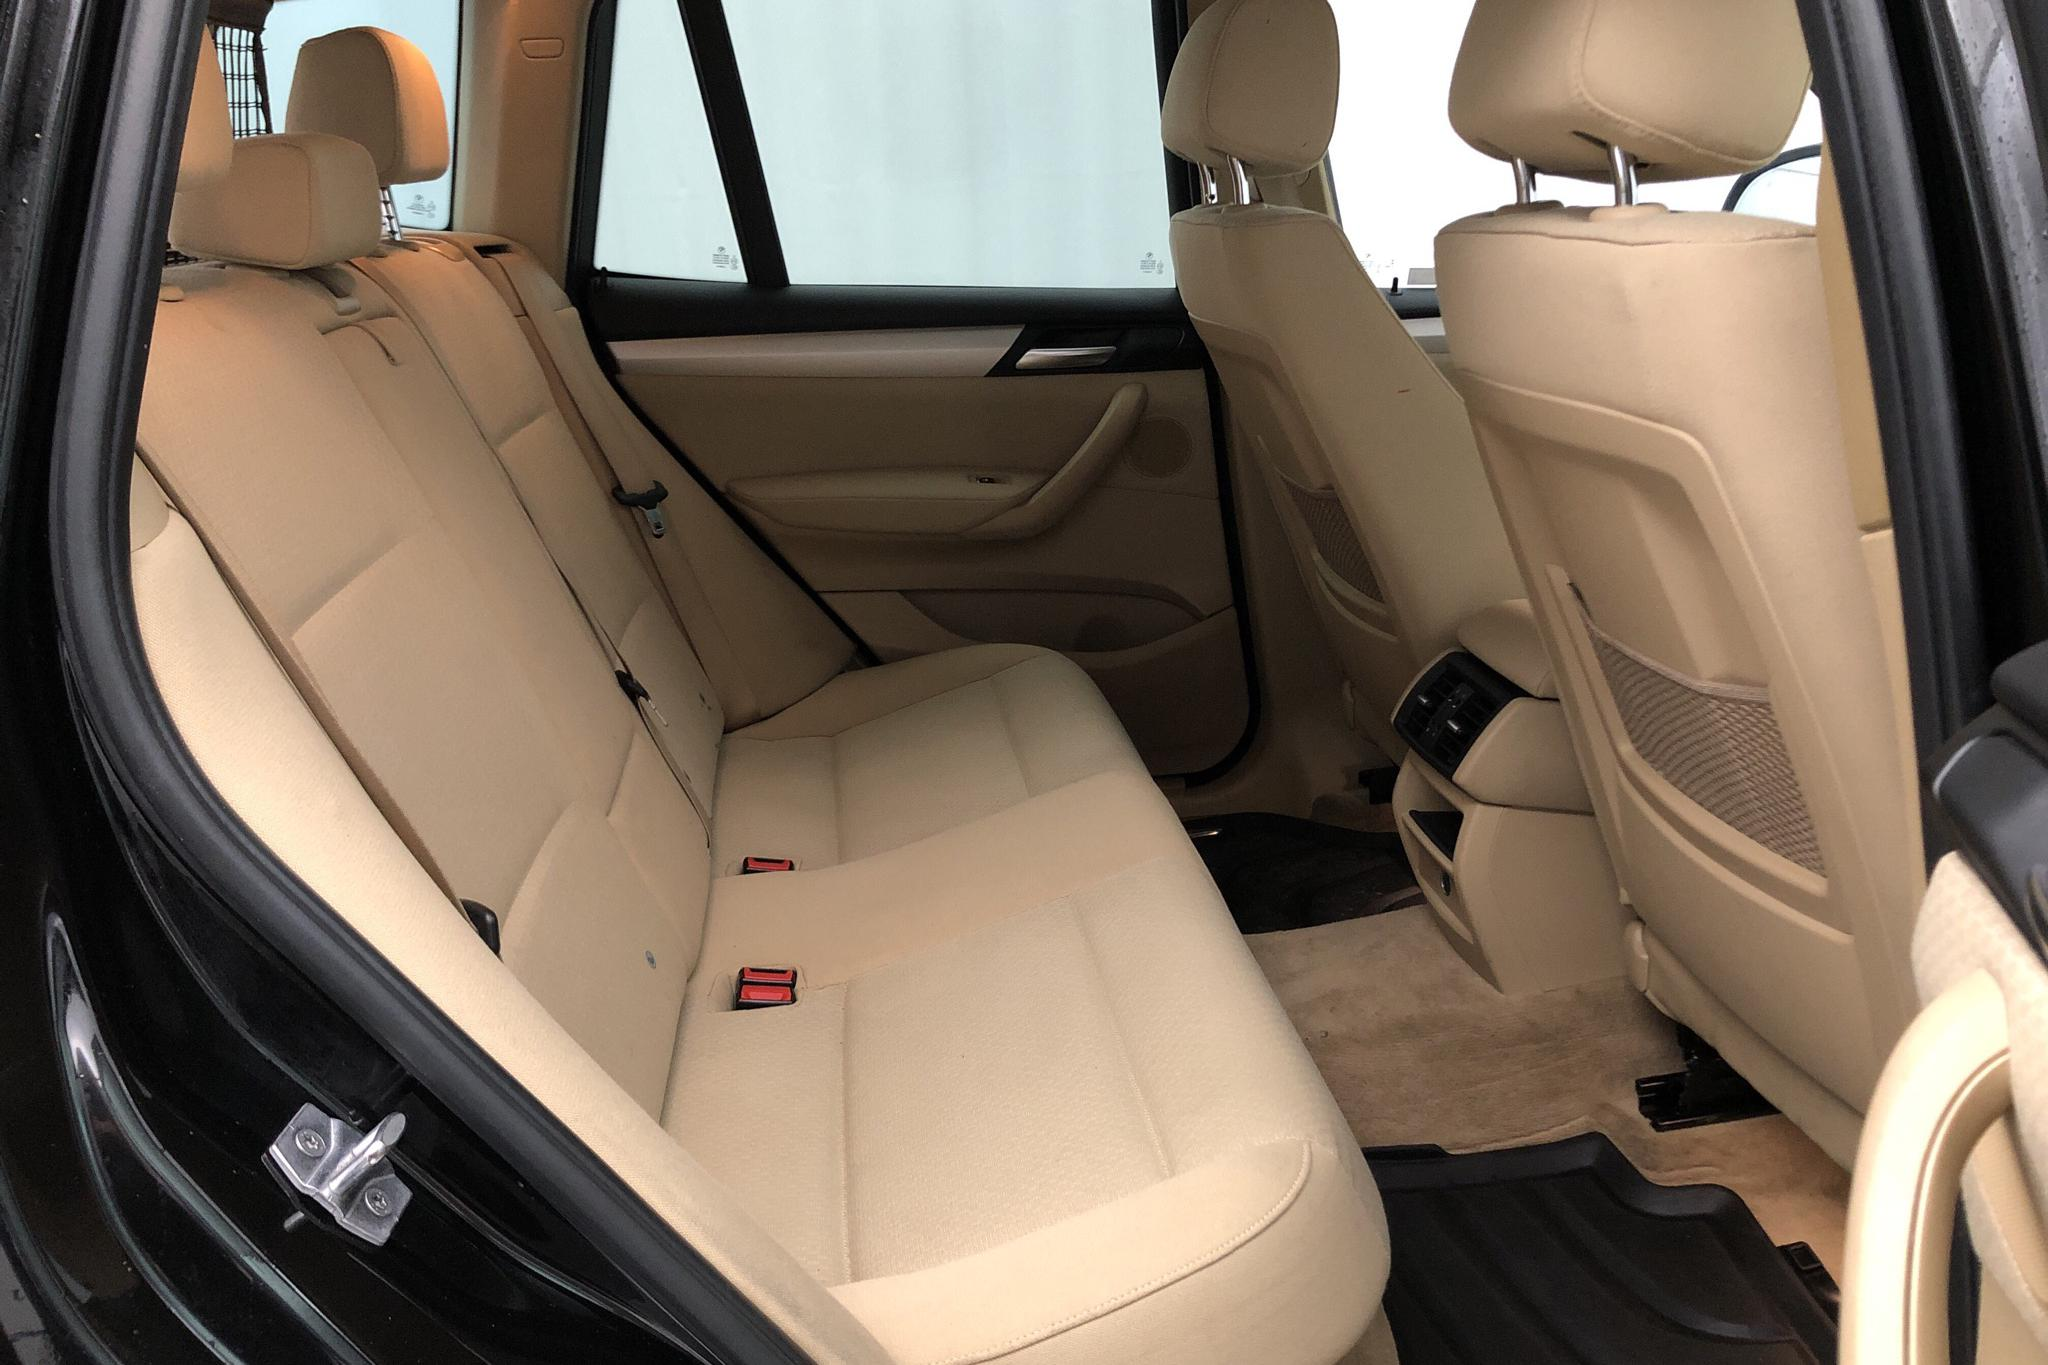 BMW X3 sDrive18d, F25 (150hk) - 5 641 mil - Manuell - svart - 2017